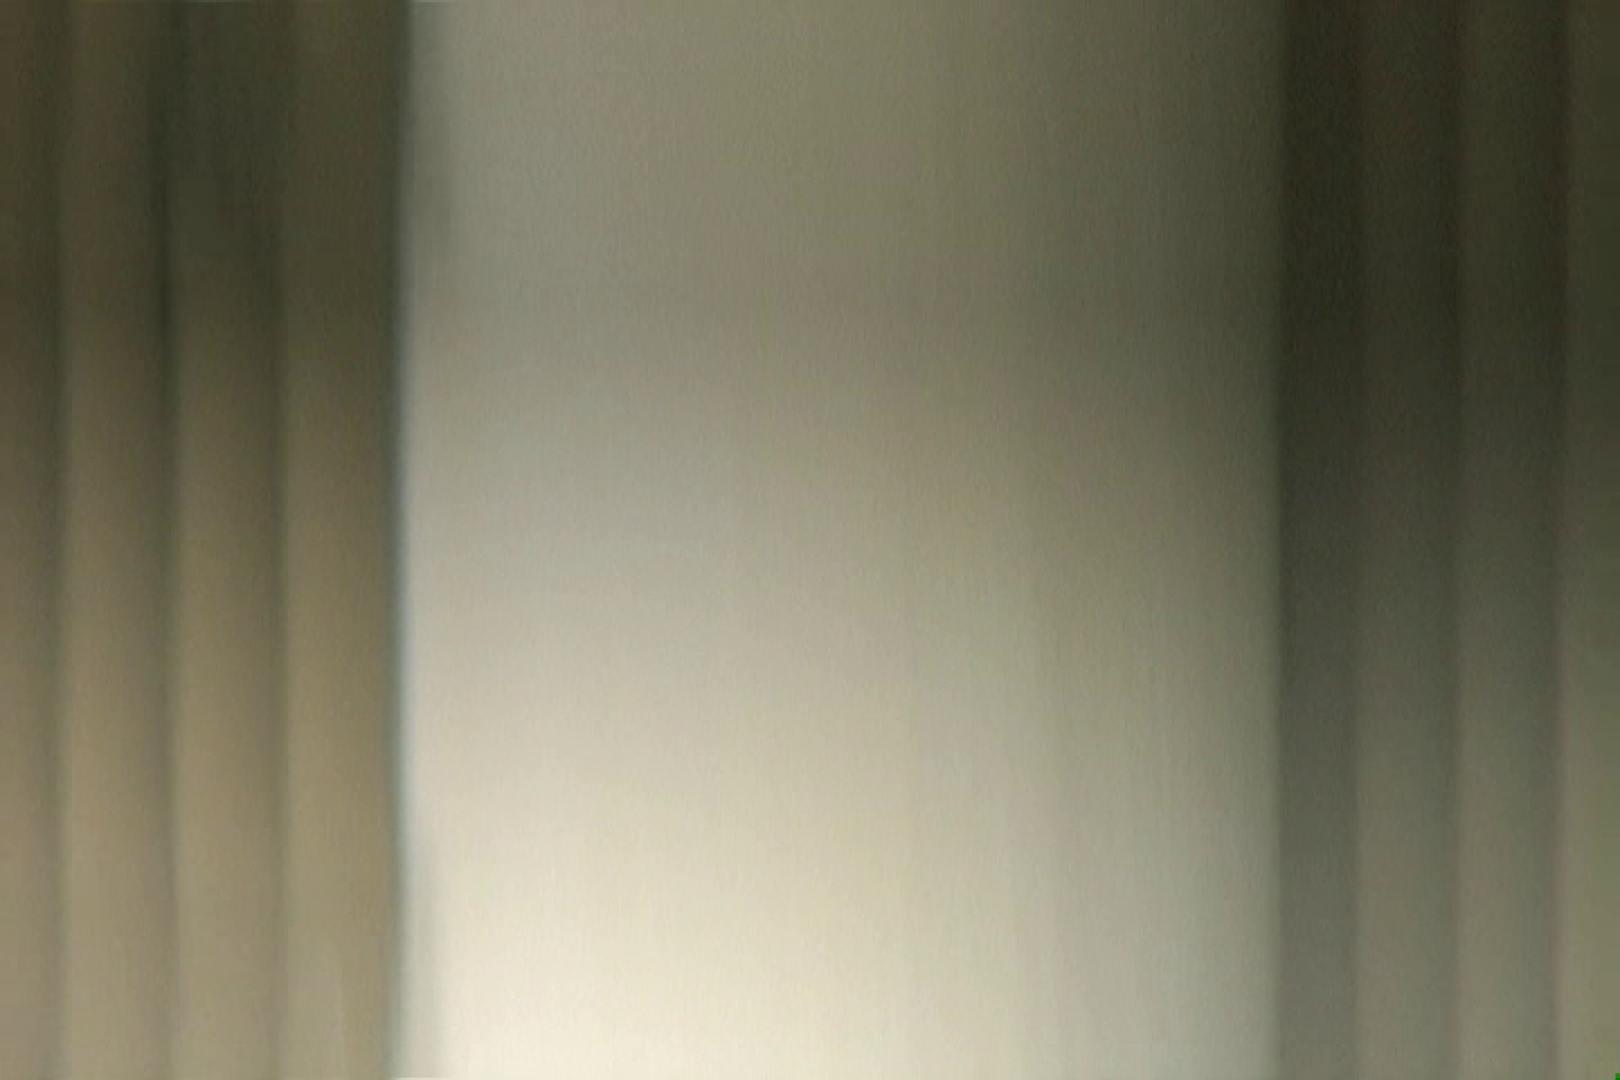 高画質露天女風呂観察 vol.007 乙女のエロ動画 われめAV動画紹介 104PIX 63